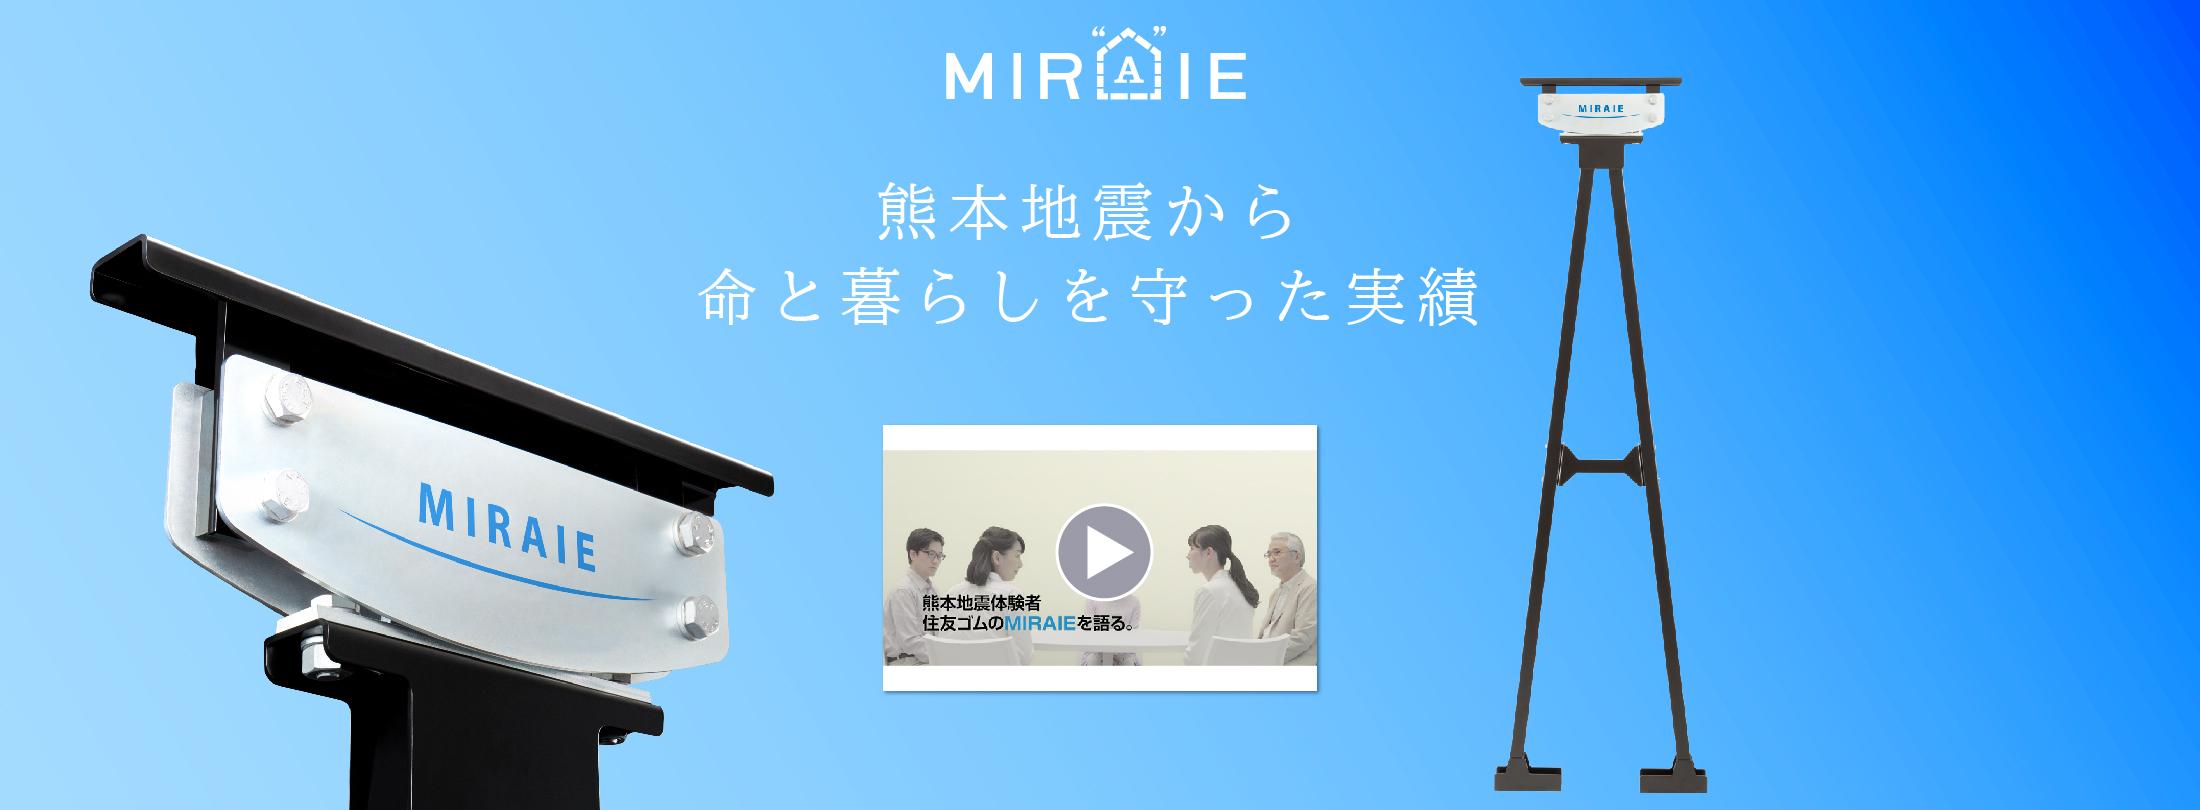 制震ユニットMIRAIE 熊本地震の実績